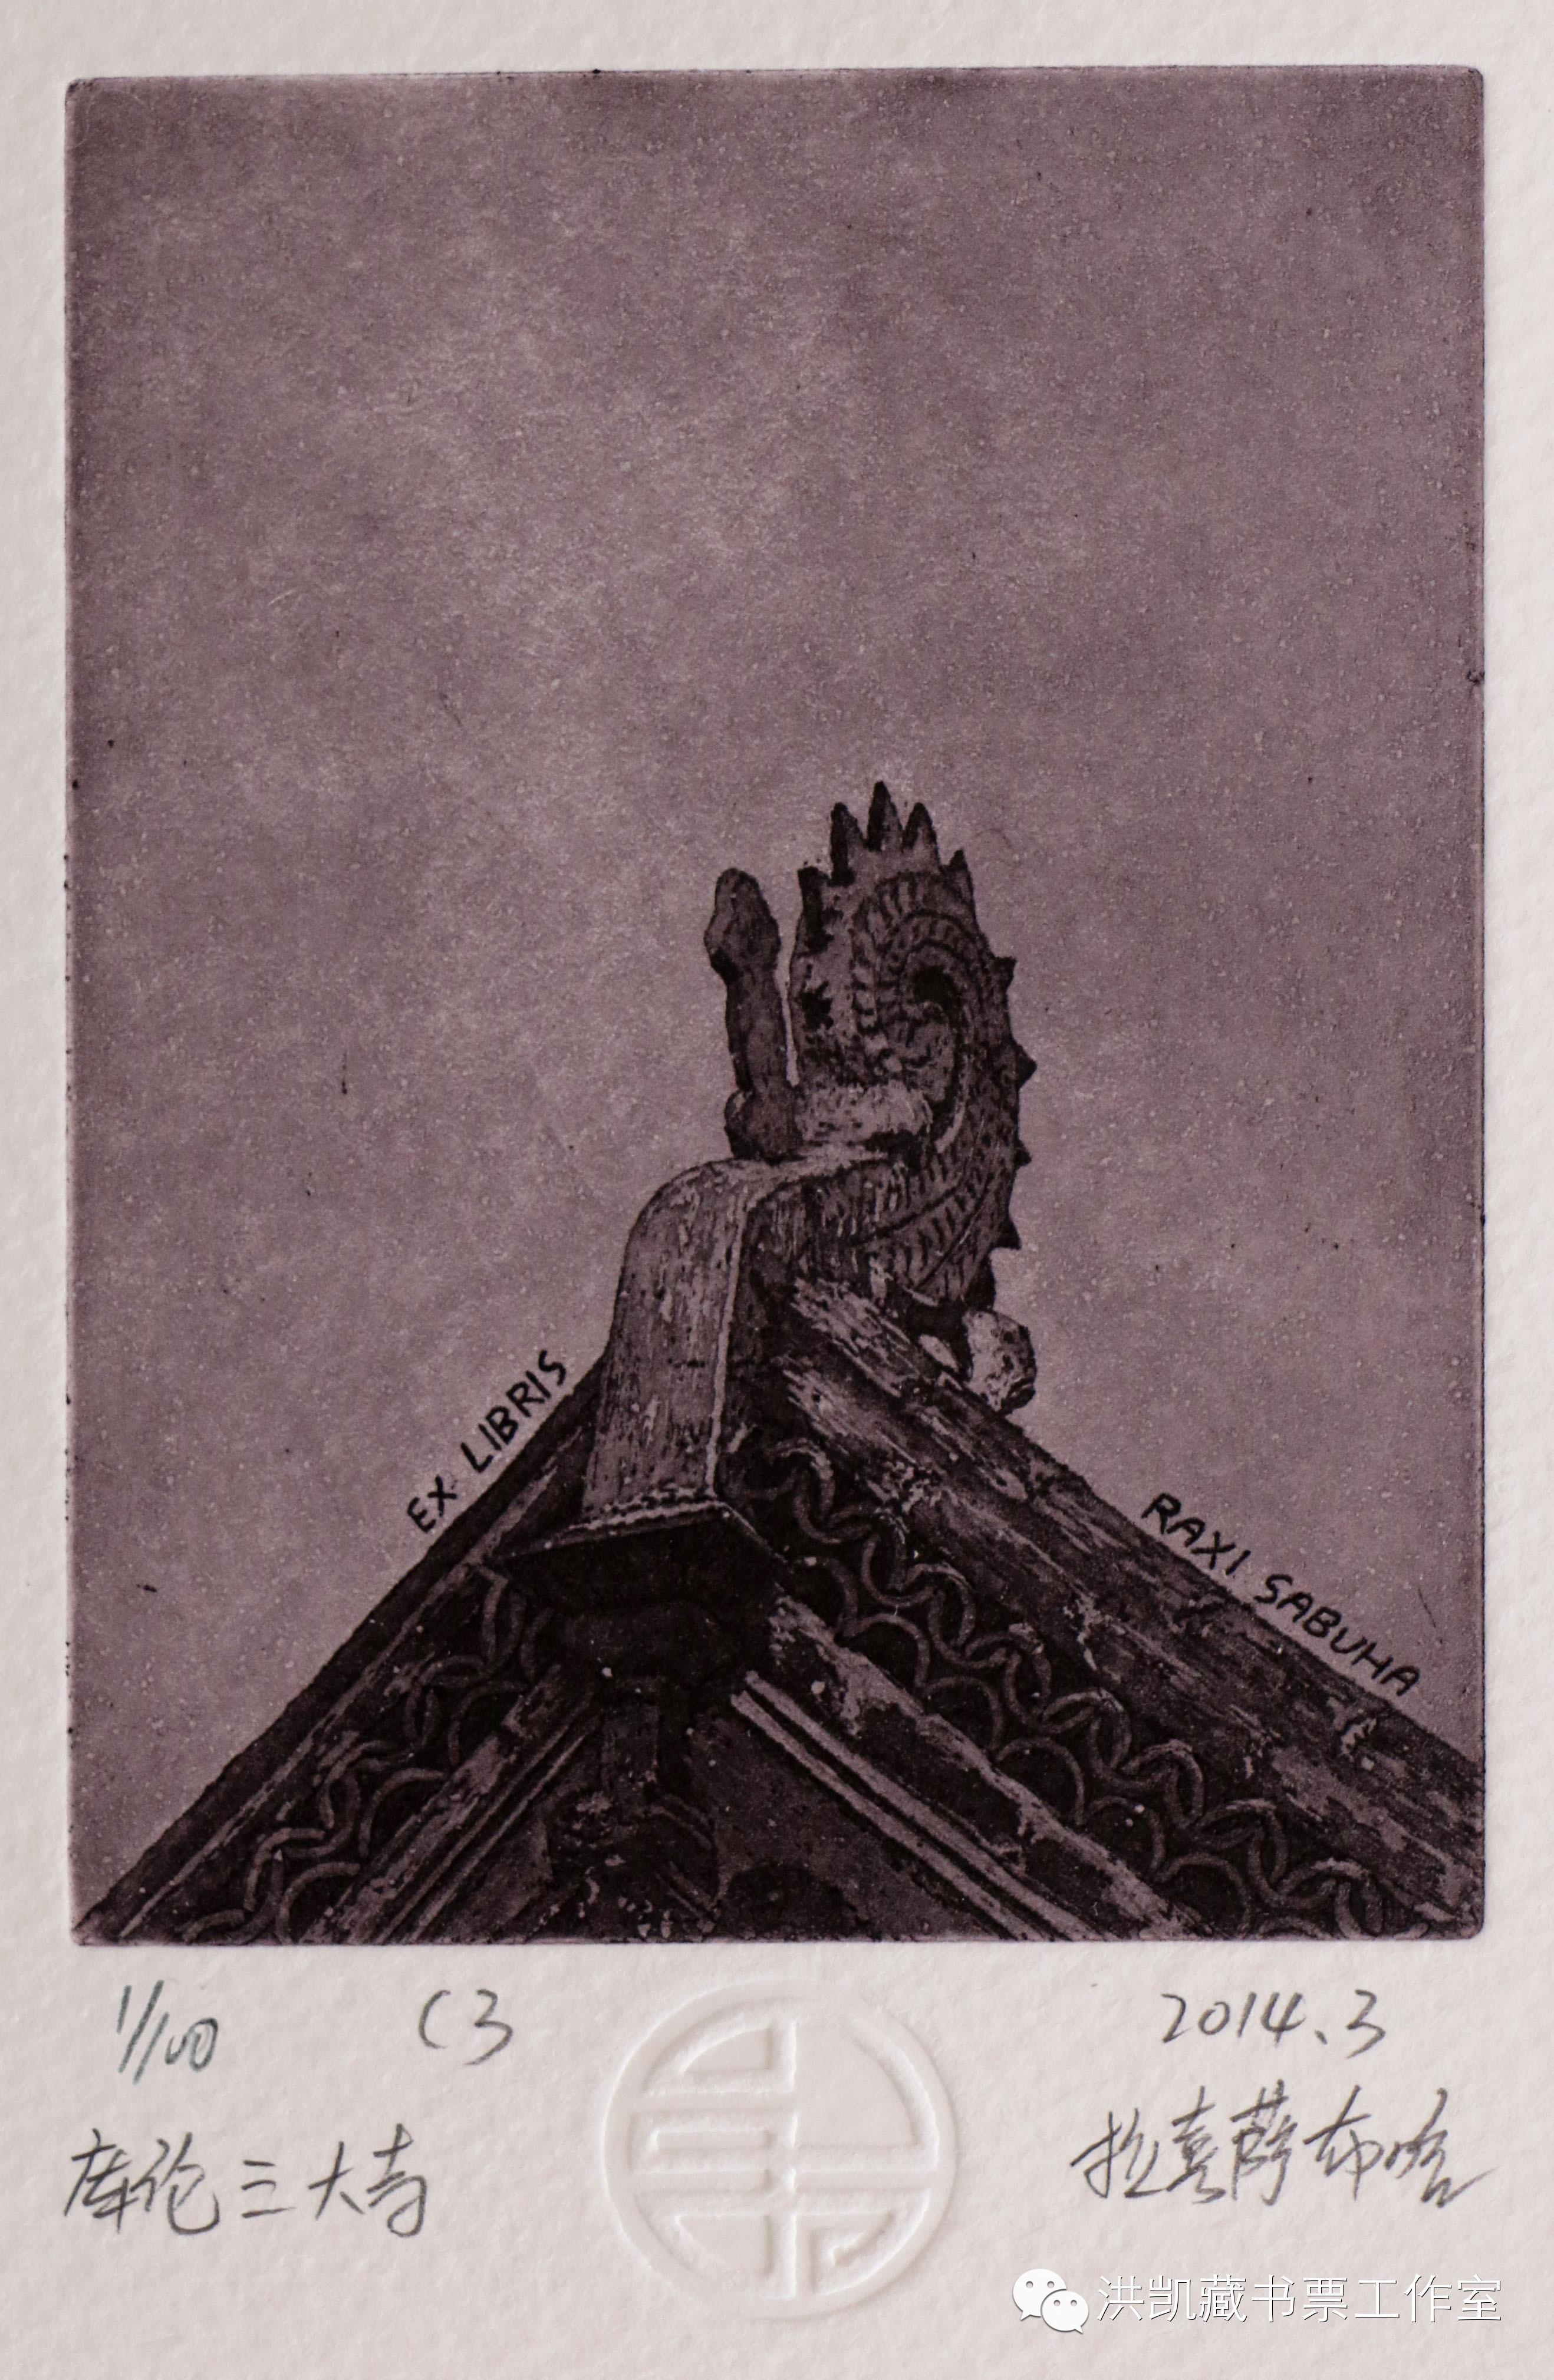 版画作品推荐002期-(内蒙古版画家)拉喜萨布哈﹒版画&藏书票作品欣赏 第10张